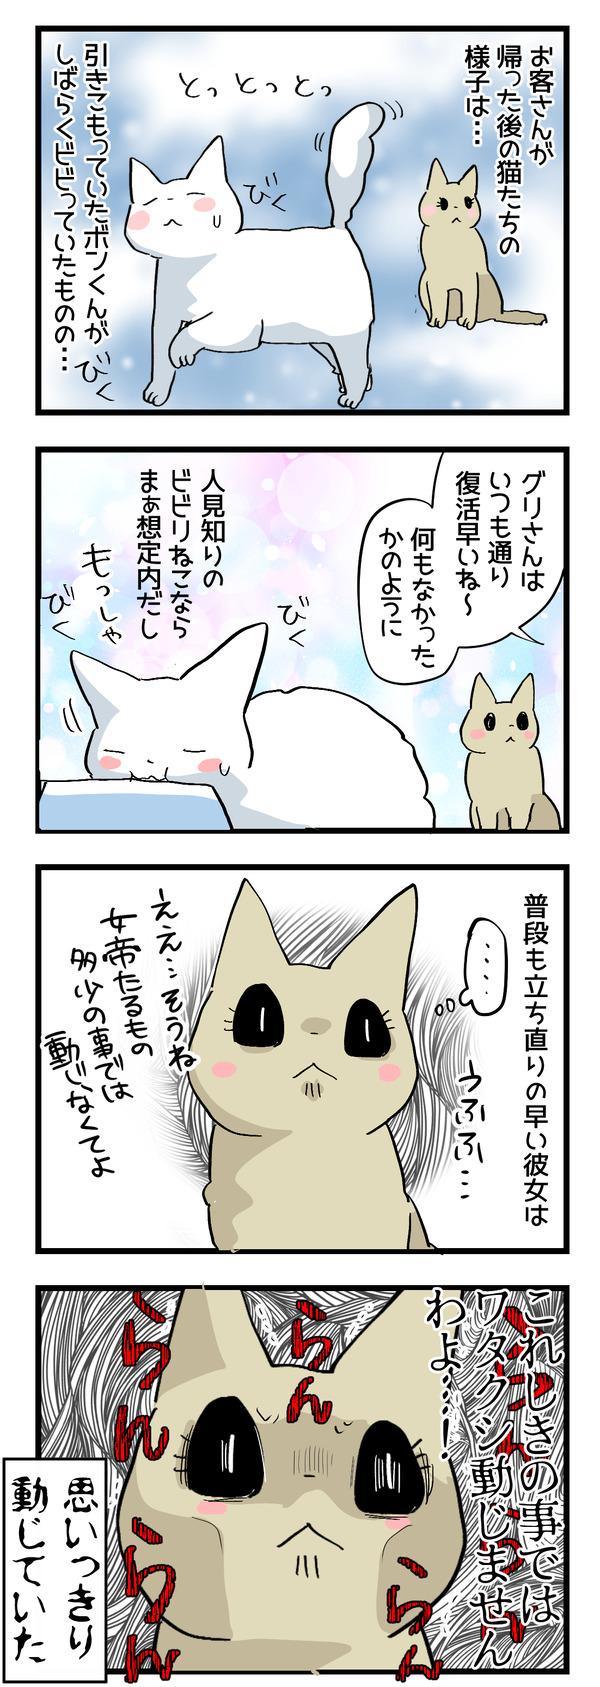 猫たちの変化